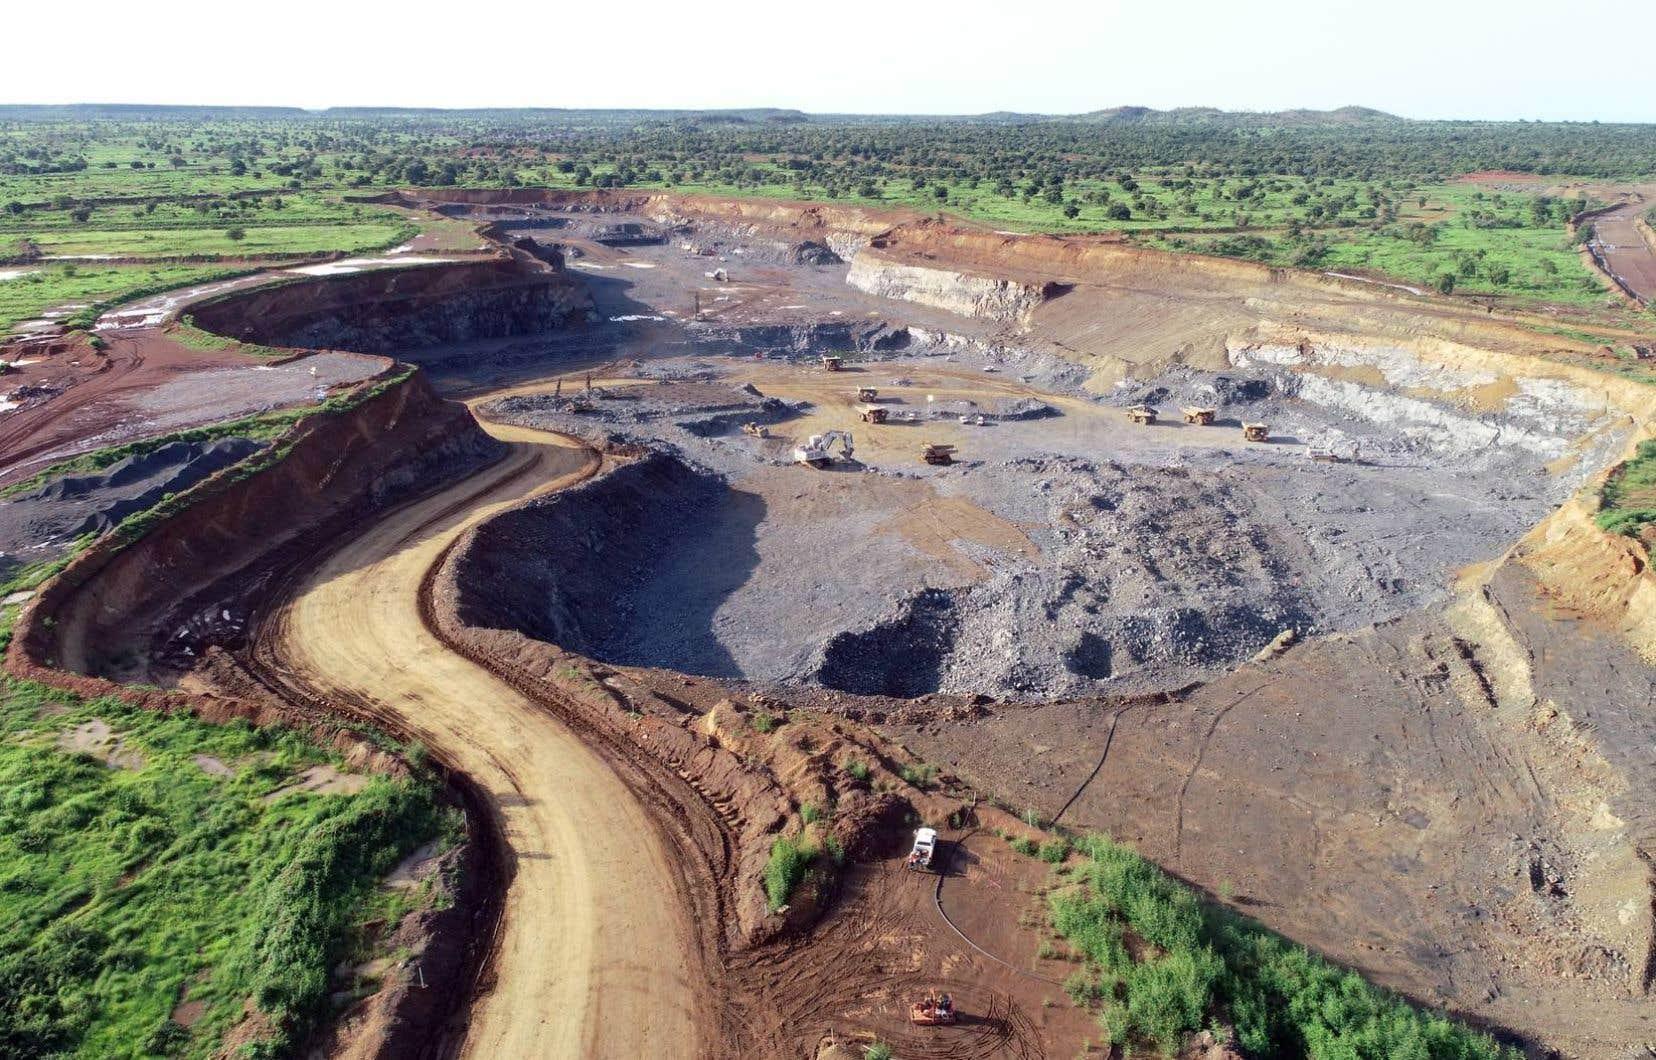 En novembre dernier, plusieurs dizaines d'employés de Semafo avaient perdu la vie dans le cadre d'une attaque alors qu'ils se rendaient à la mine de Bongou, au Burkina Faso, exploitée par la minière québécoise.